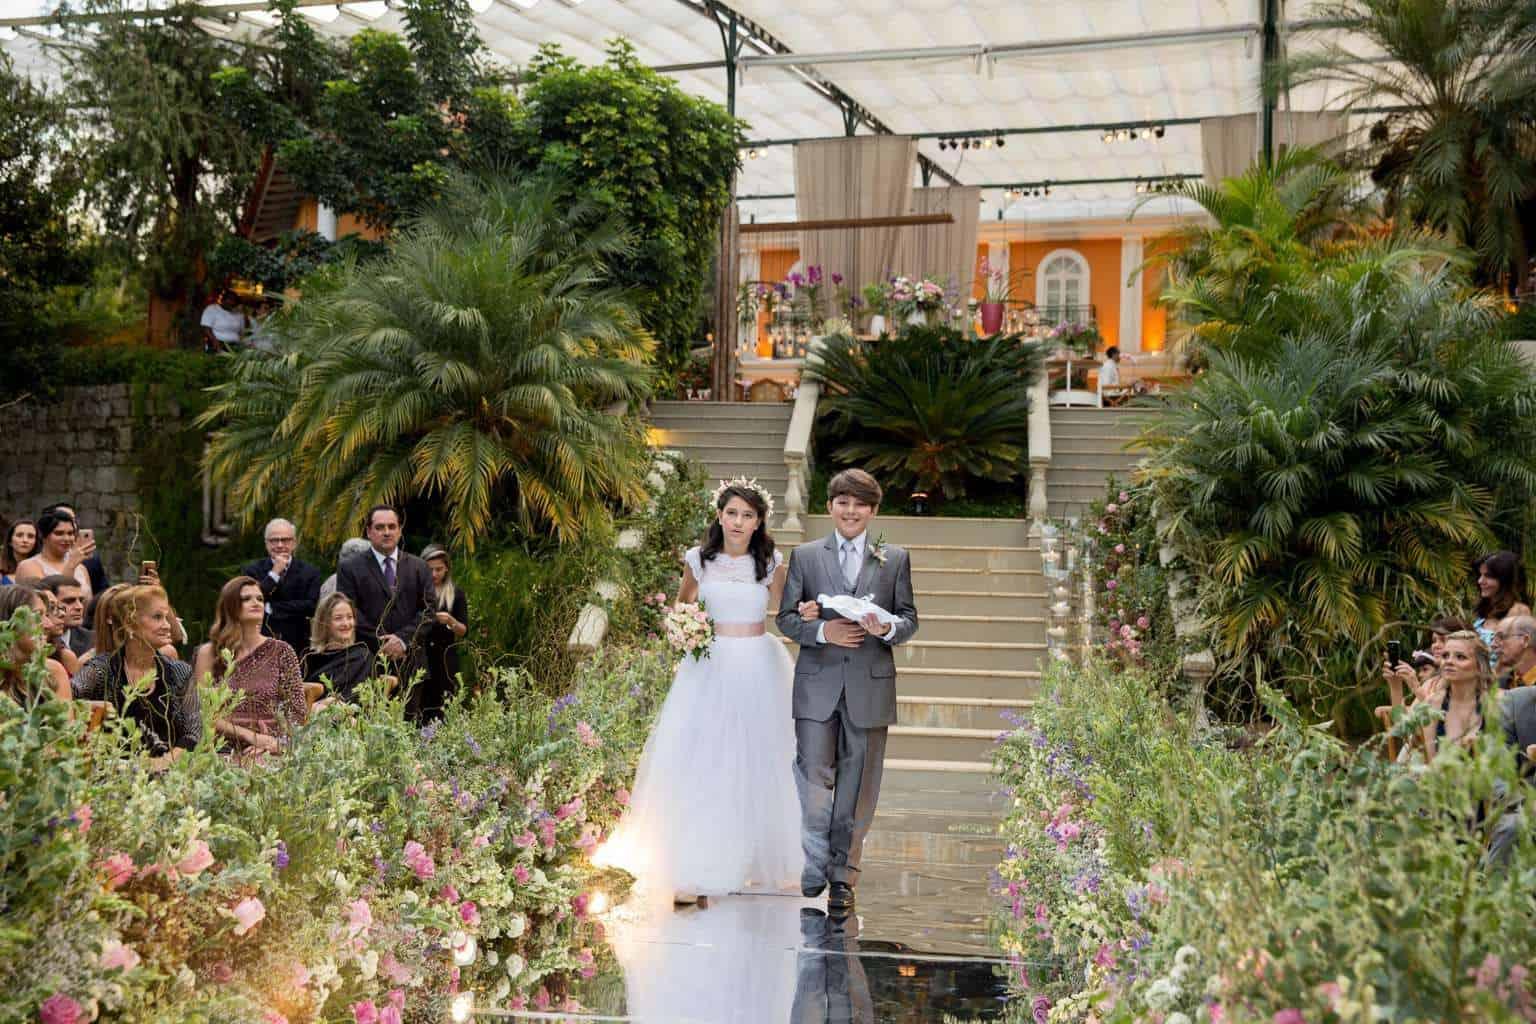 Andrea-Kapps-casamento-de-dia-casamento-na-serra-casamento-romântico-casamento-tradicional-Locanda-de-La-Mimosa-rosa-e-lilás-casamento-24